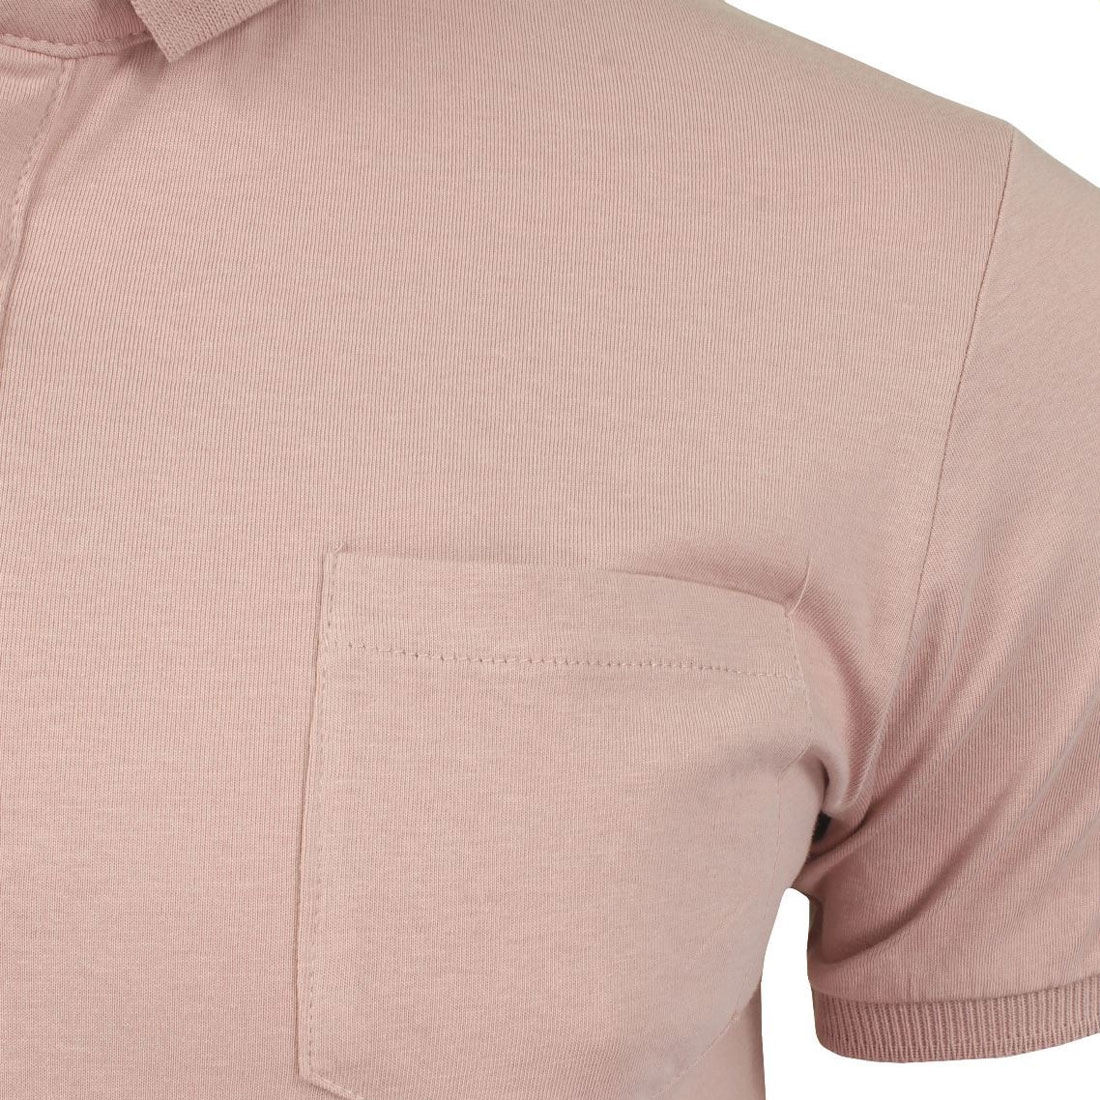 Brave-Soul-Hommes-Polo-T-Shirt-034-Julius-039-S-Coton-A-Col-Manches-Courtes-Haut-Decontracte miniature 23